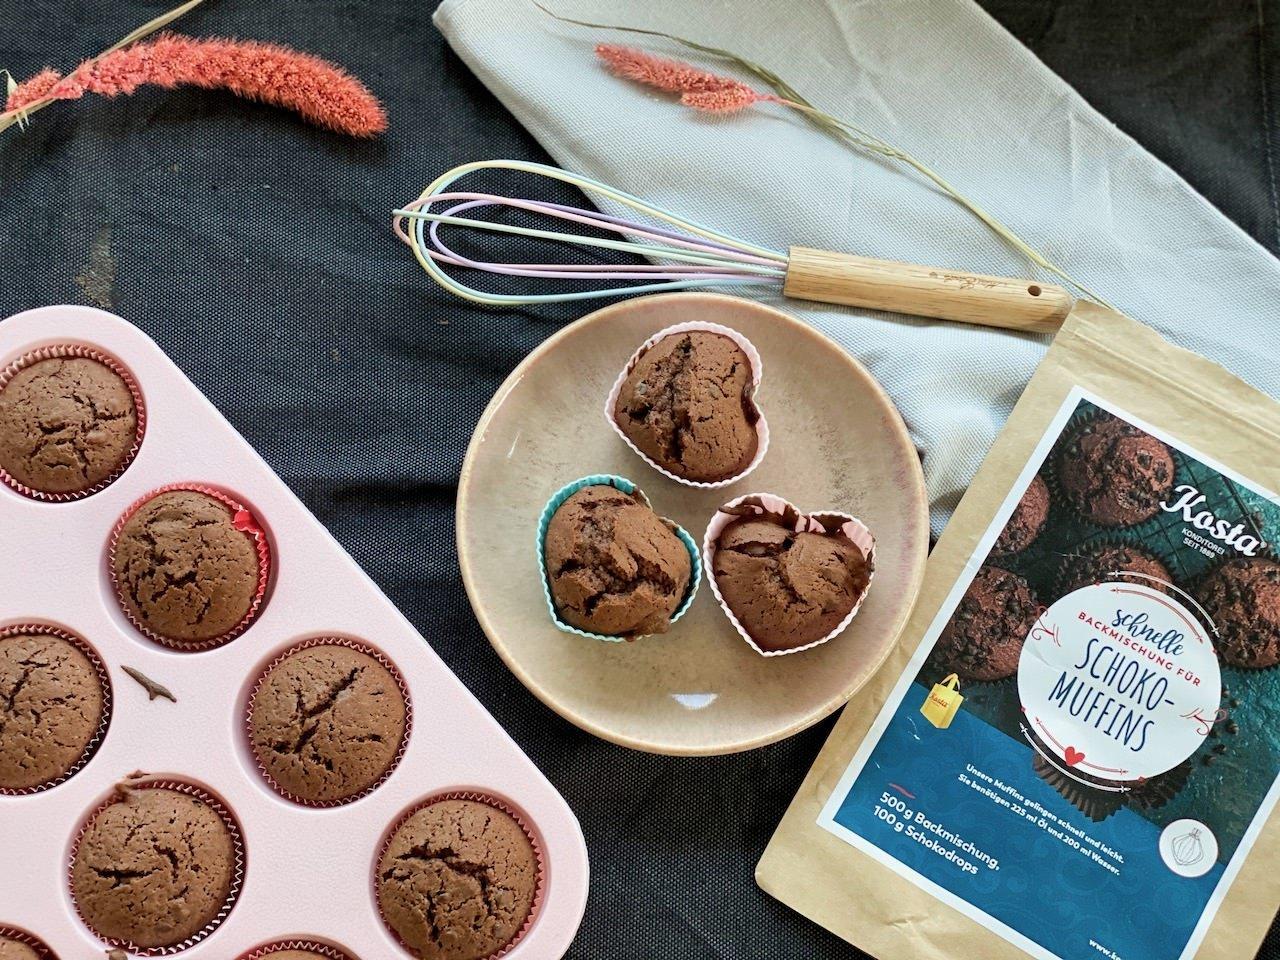 Schokolade Muffins - gemacht mit einer selbstgemachten Backmischung